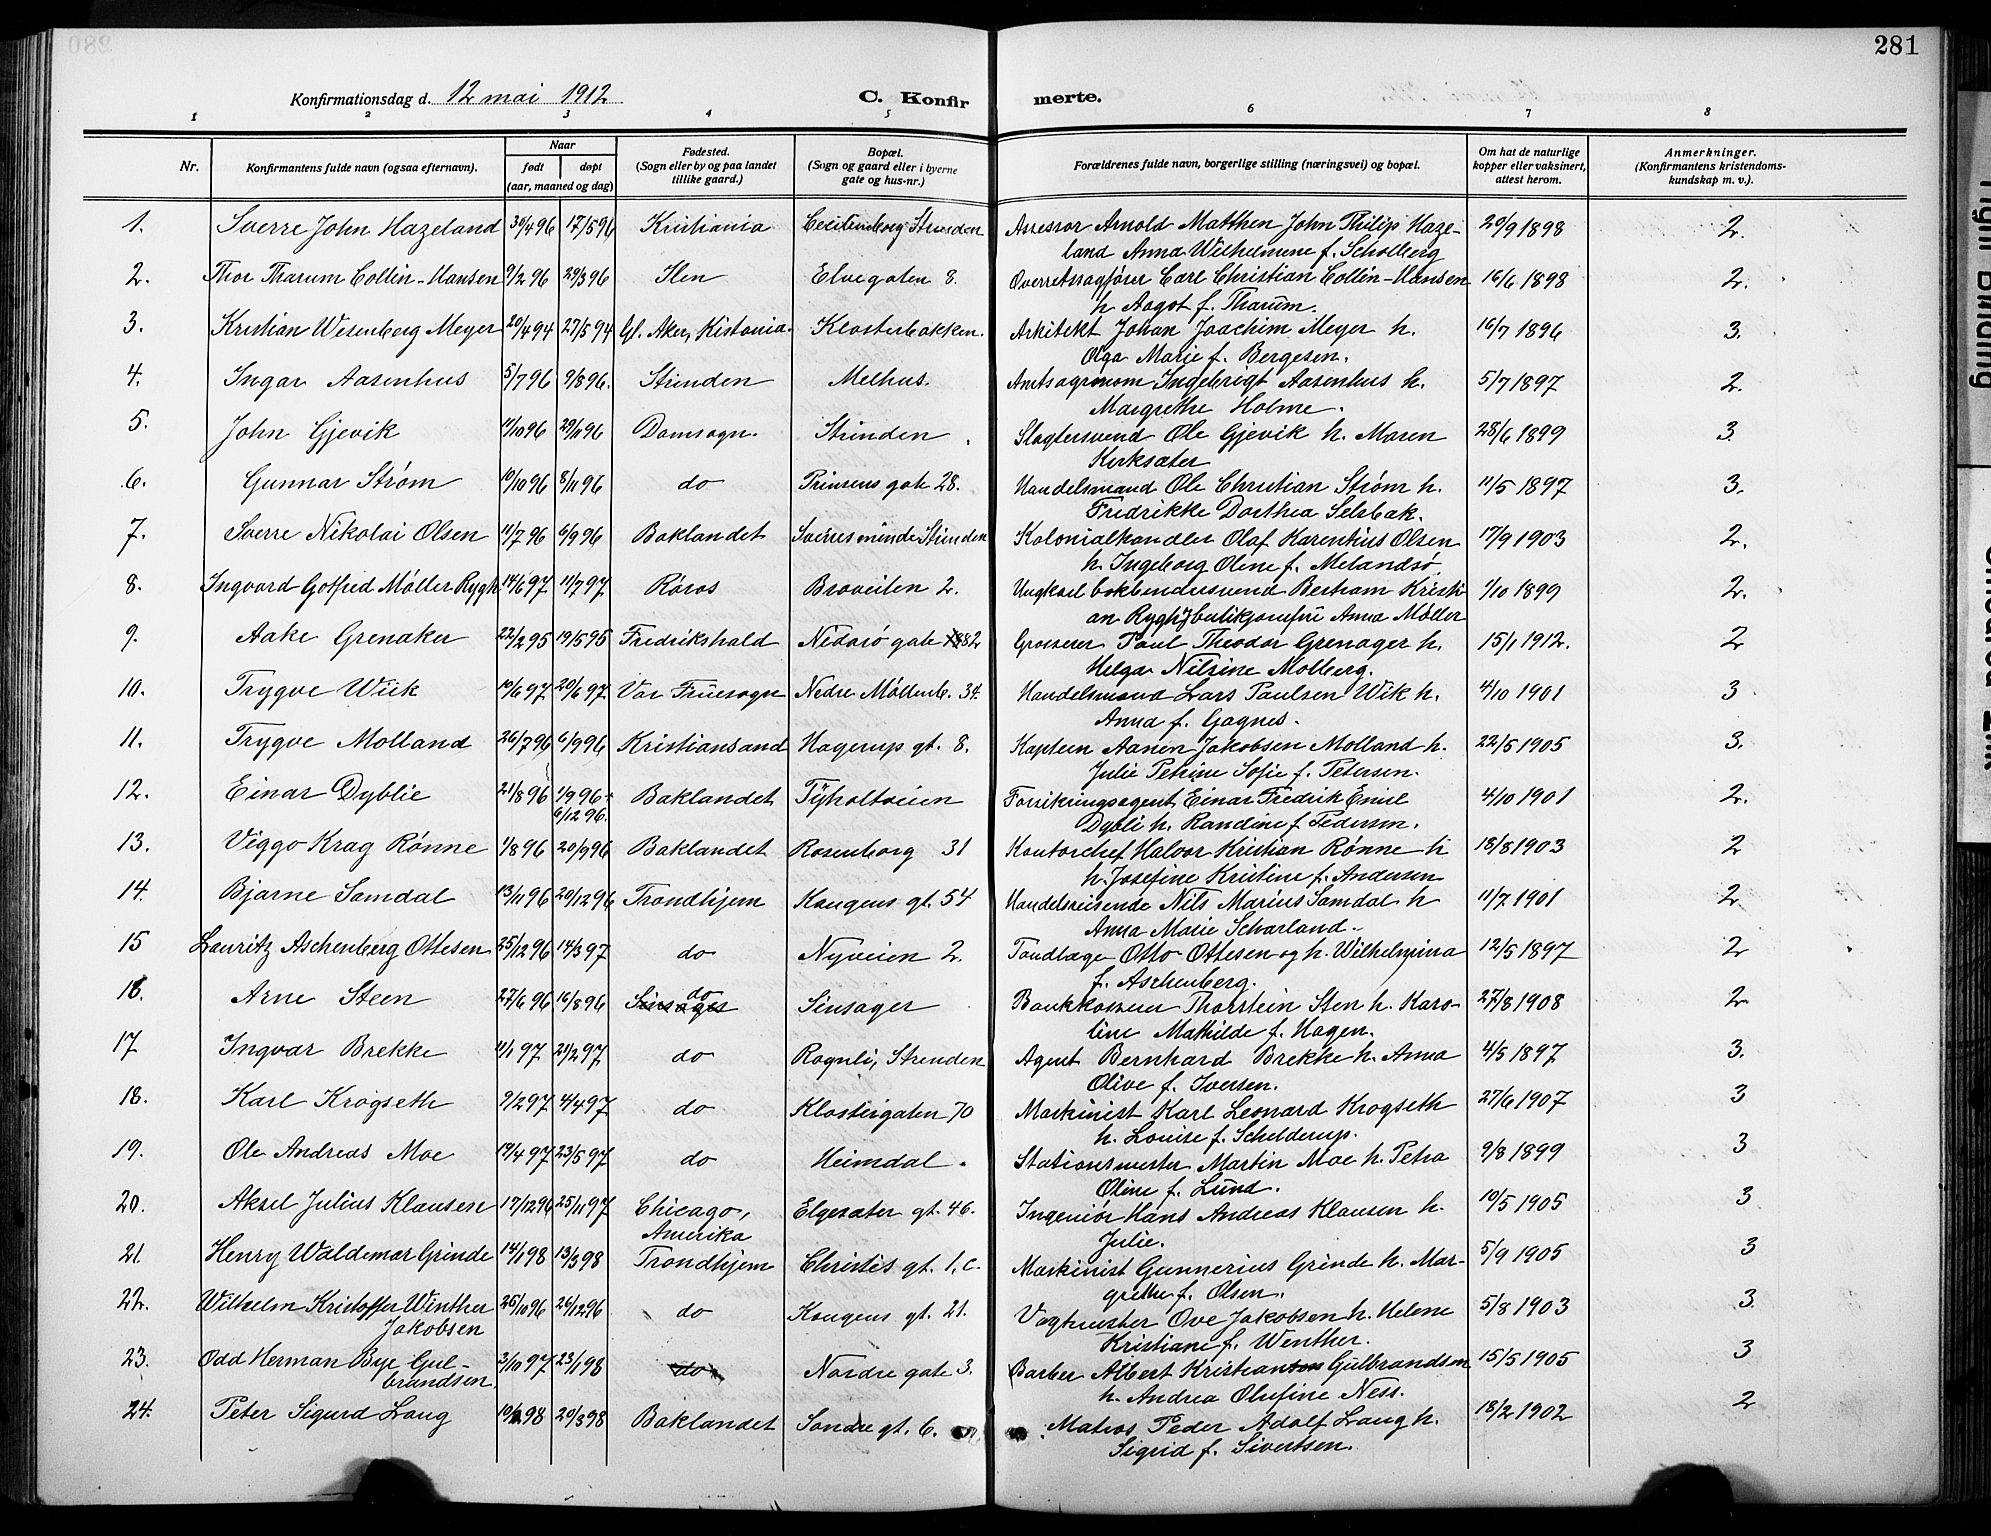 SAT, Ministerialprotokoller, klokkerbøker og fødselsregistre - Sør-Trøndelag, 601/L0096: Klokkerbok nr. 601C14, 1911-1931, s. 281